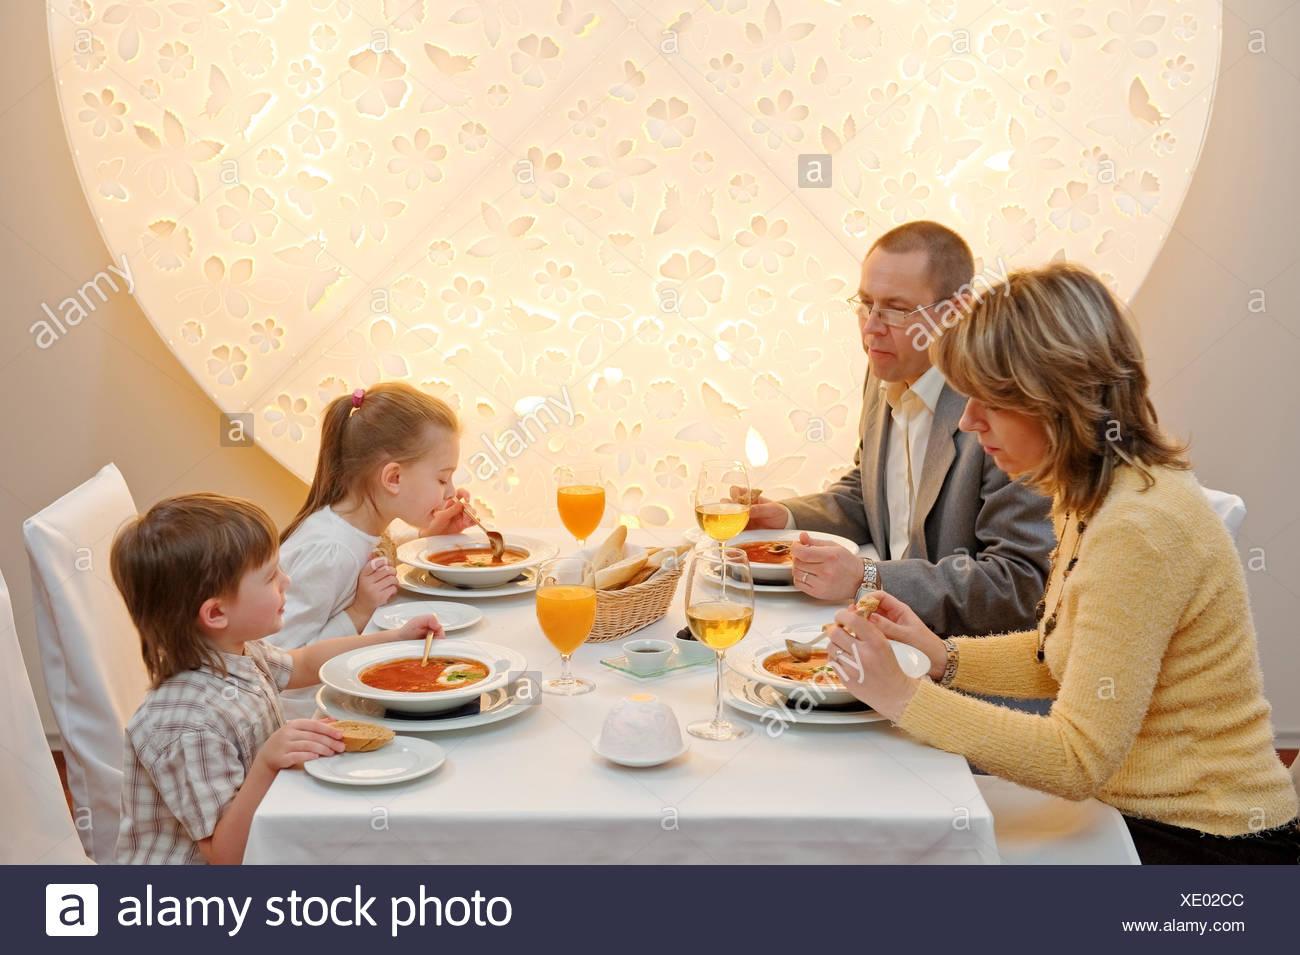 Cena En El Restaurante Familiar Comida Niño Comiendo Sopa